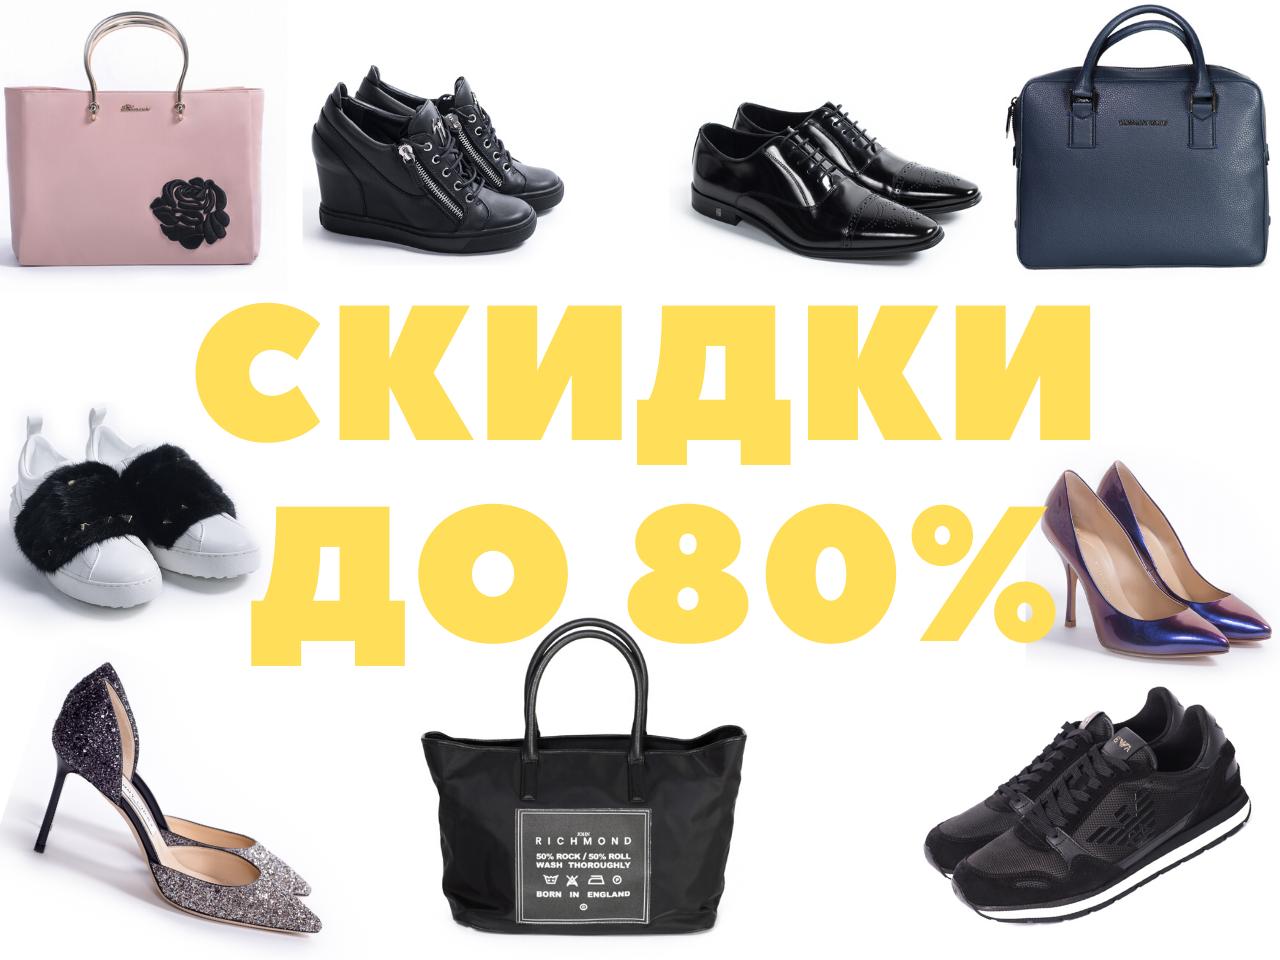 скидки до 80% на брендовые вещи в интернет-магазине